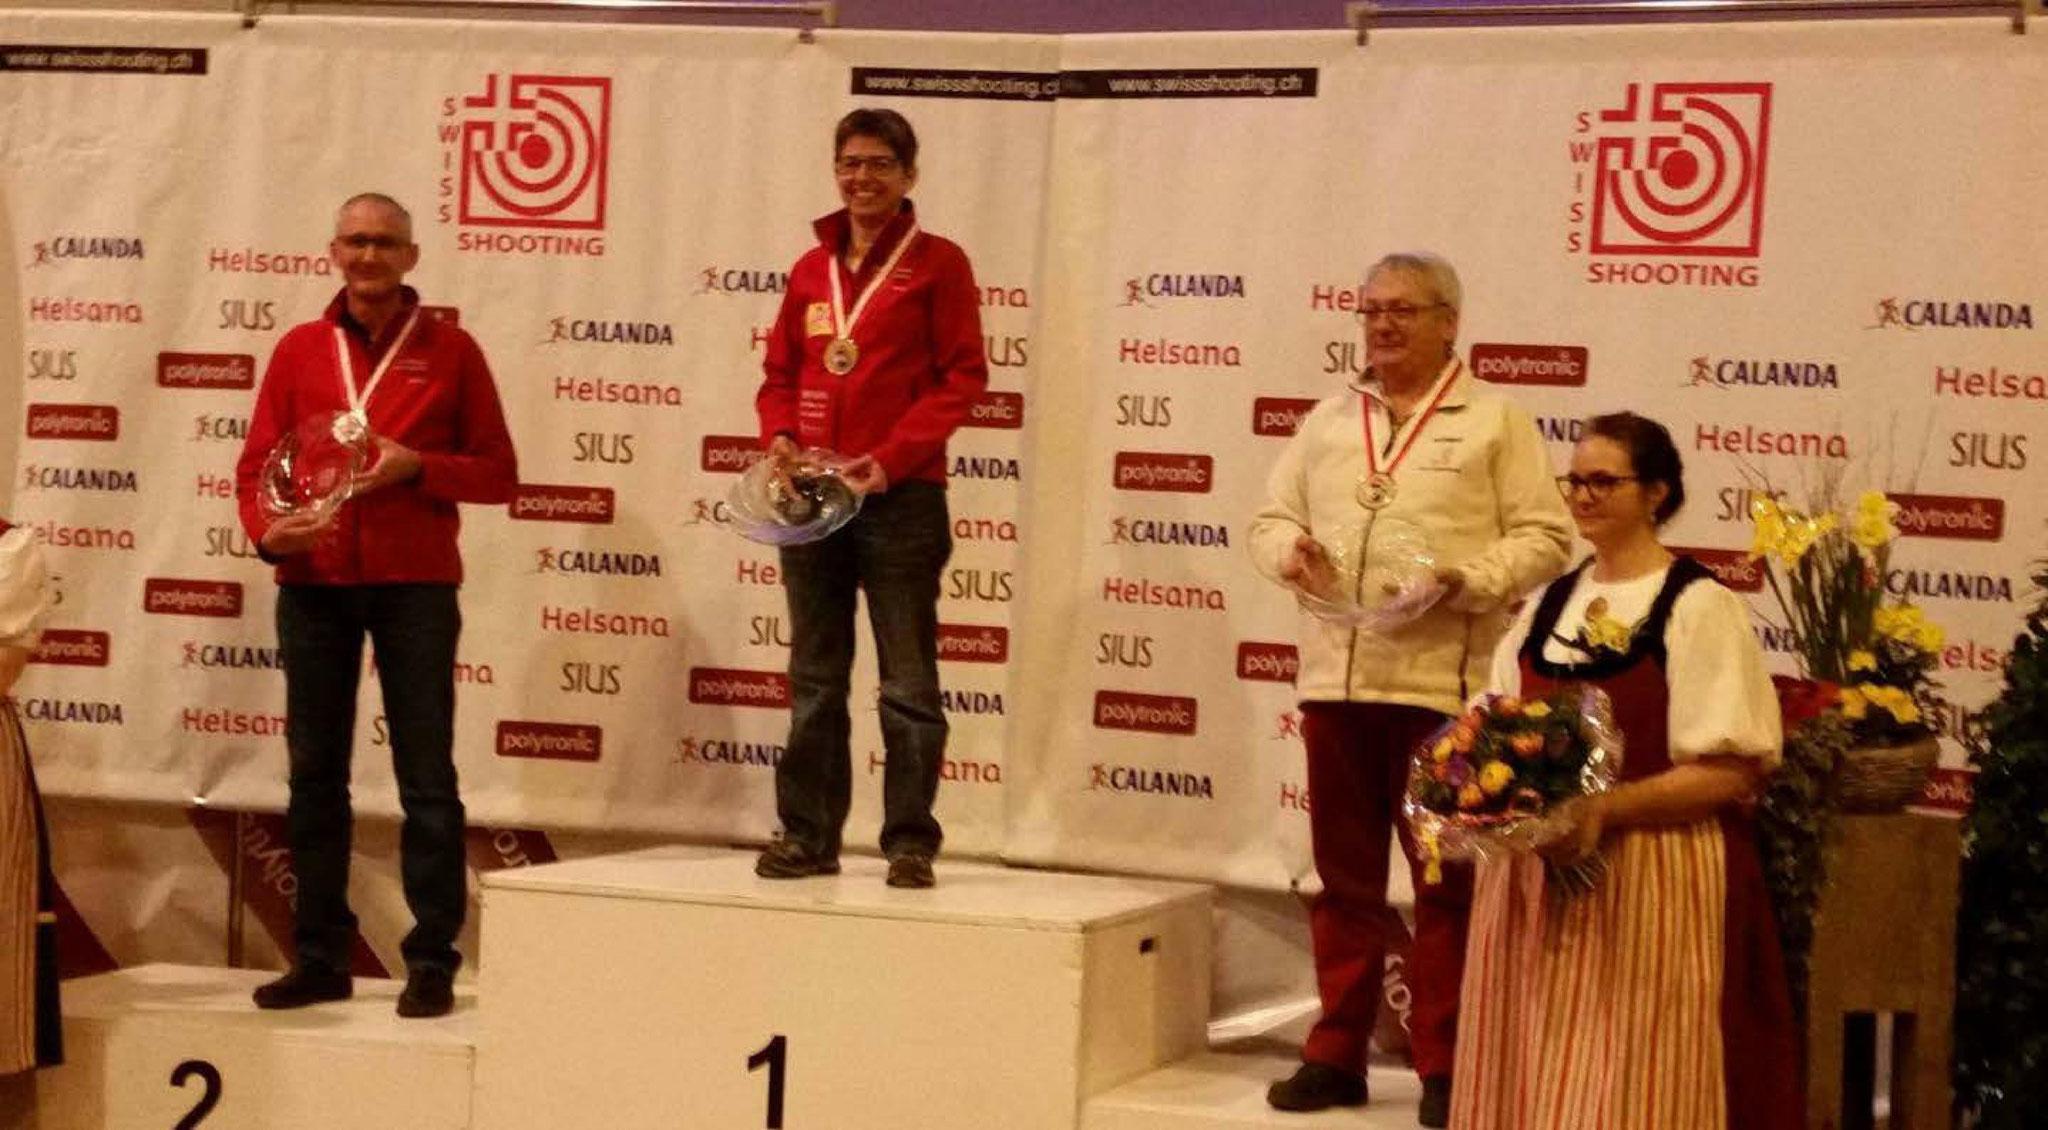 10m Schweizermeisterschaft 2017 in Bern - Senioren Auflageschiessen 1. Rang Yvonne Margreth, 2. Rang Corsin D.